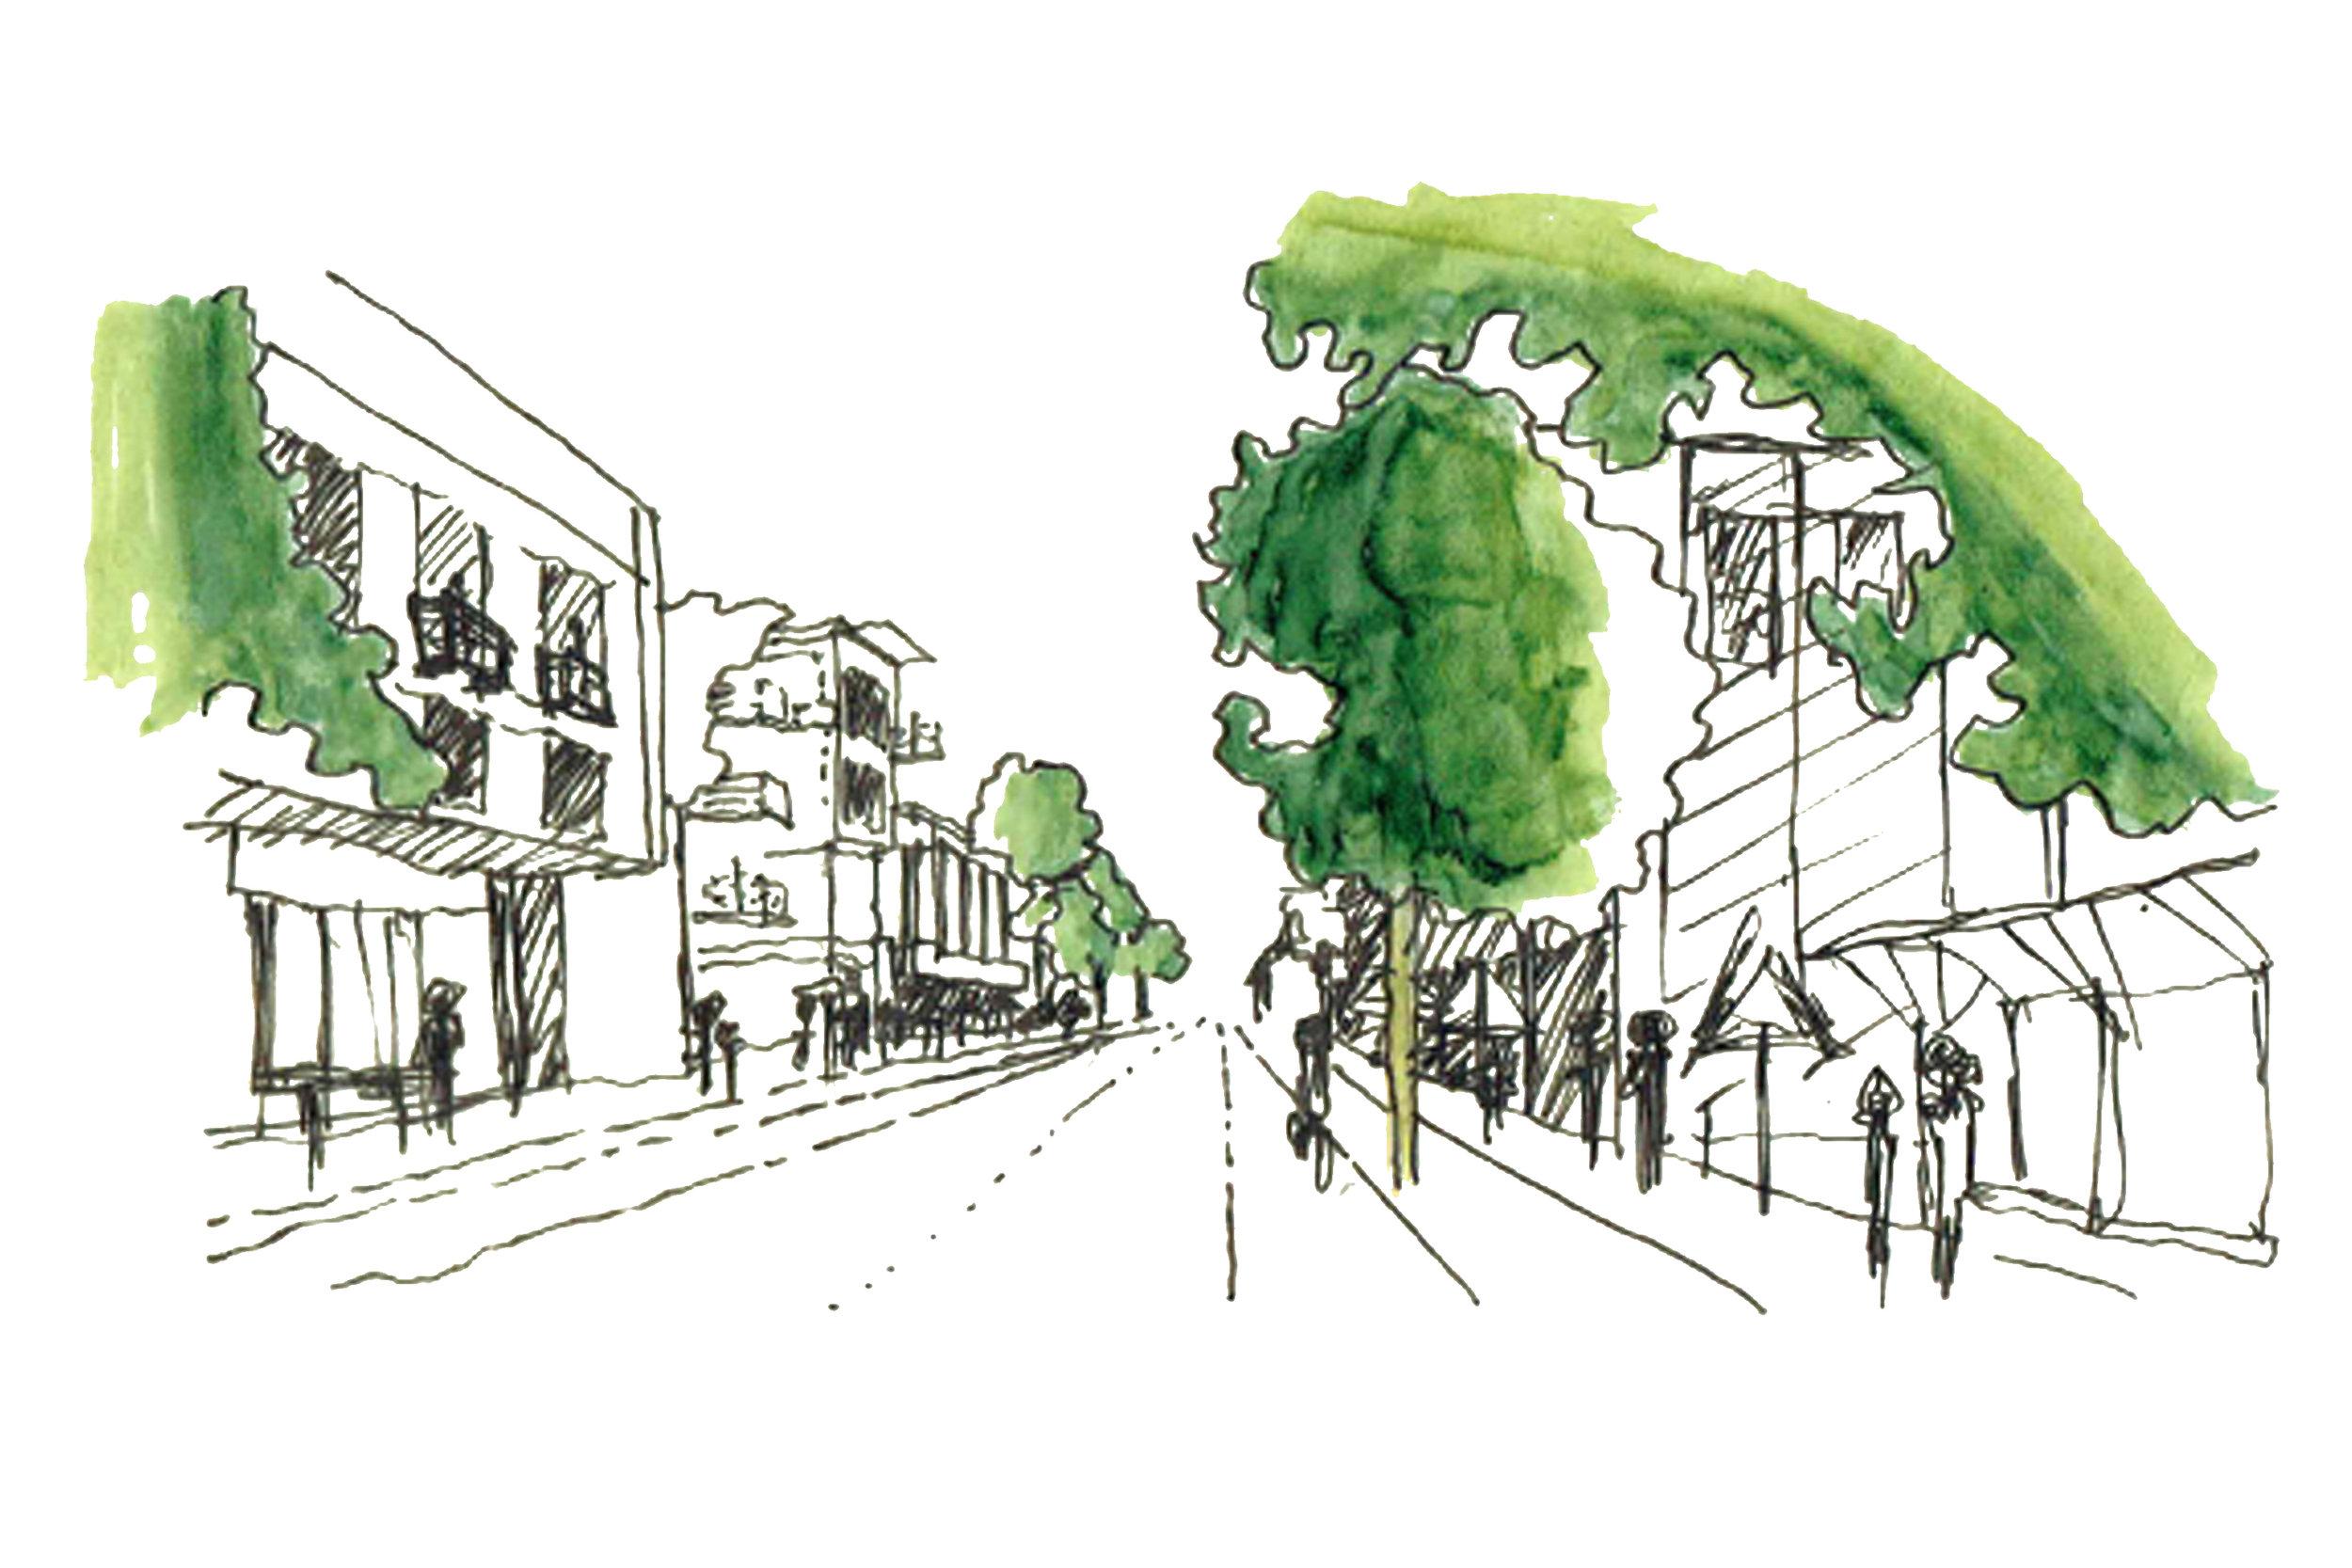 Tramline and Sidewalk